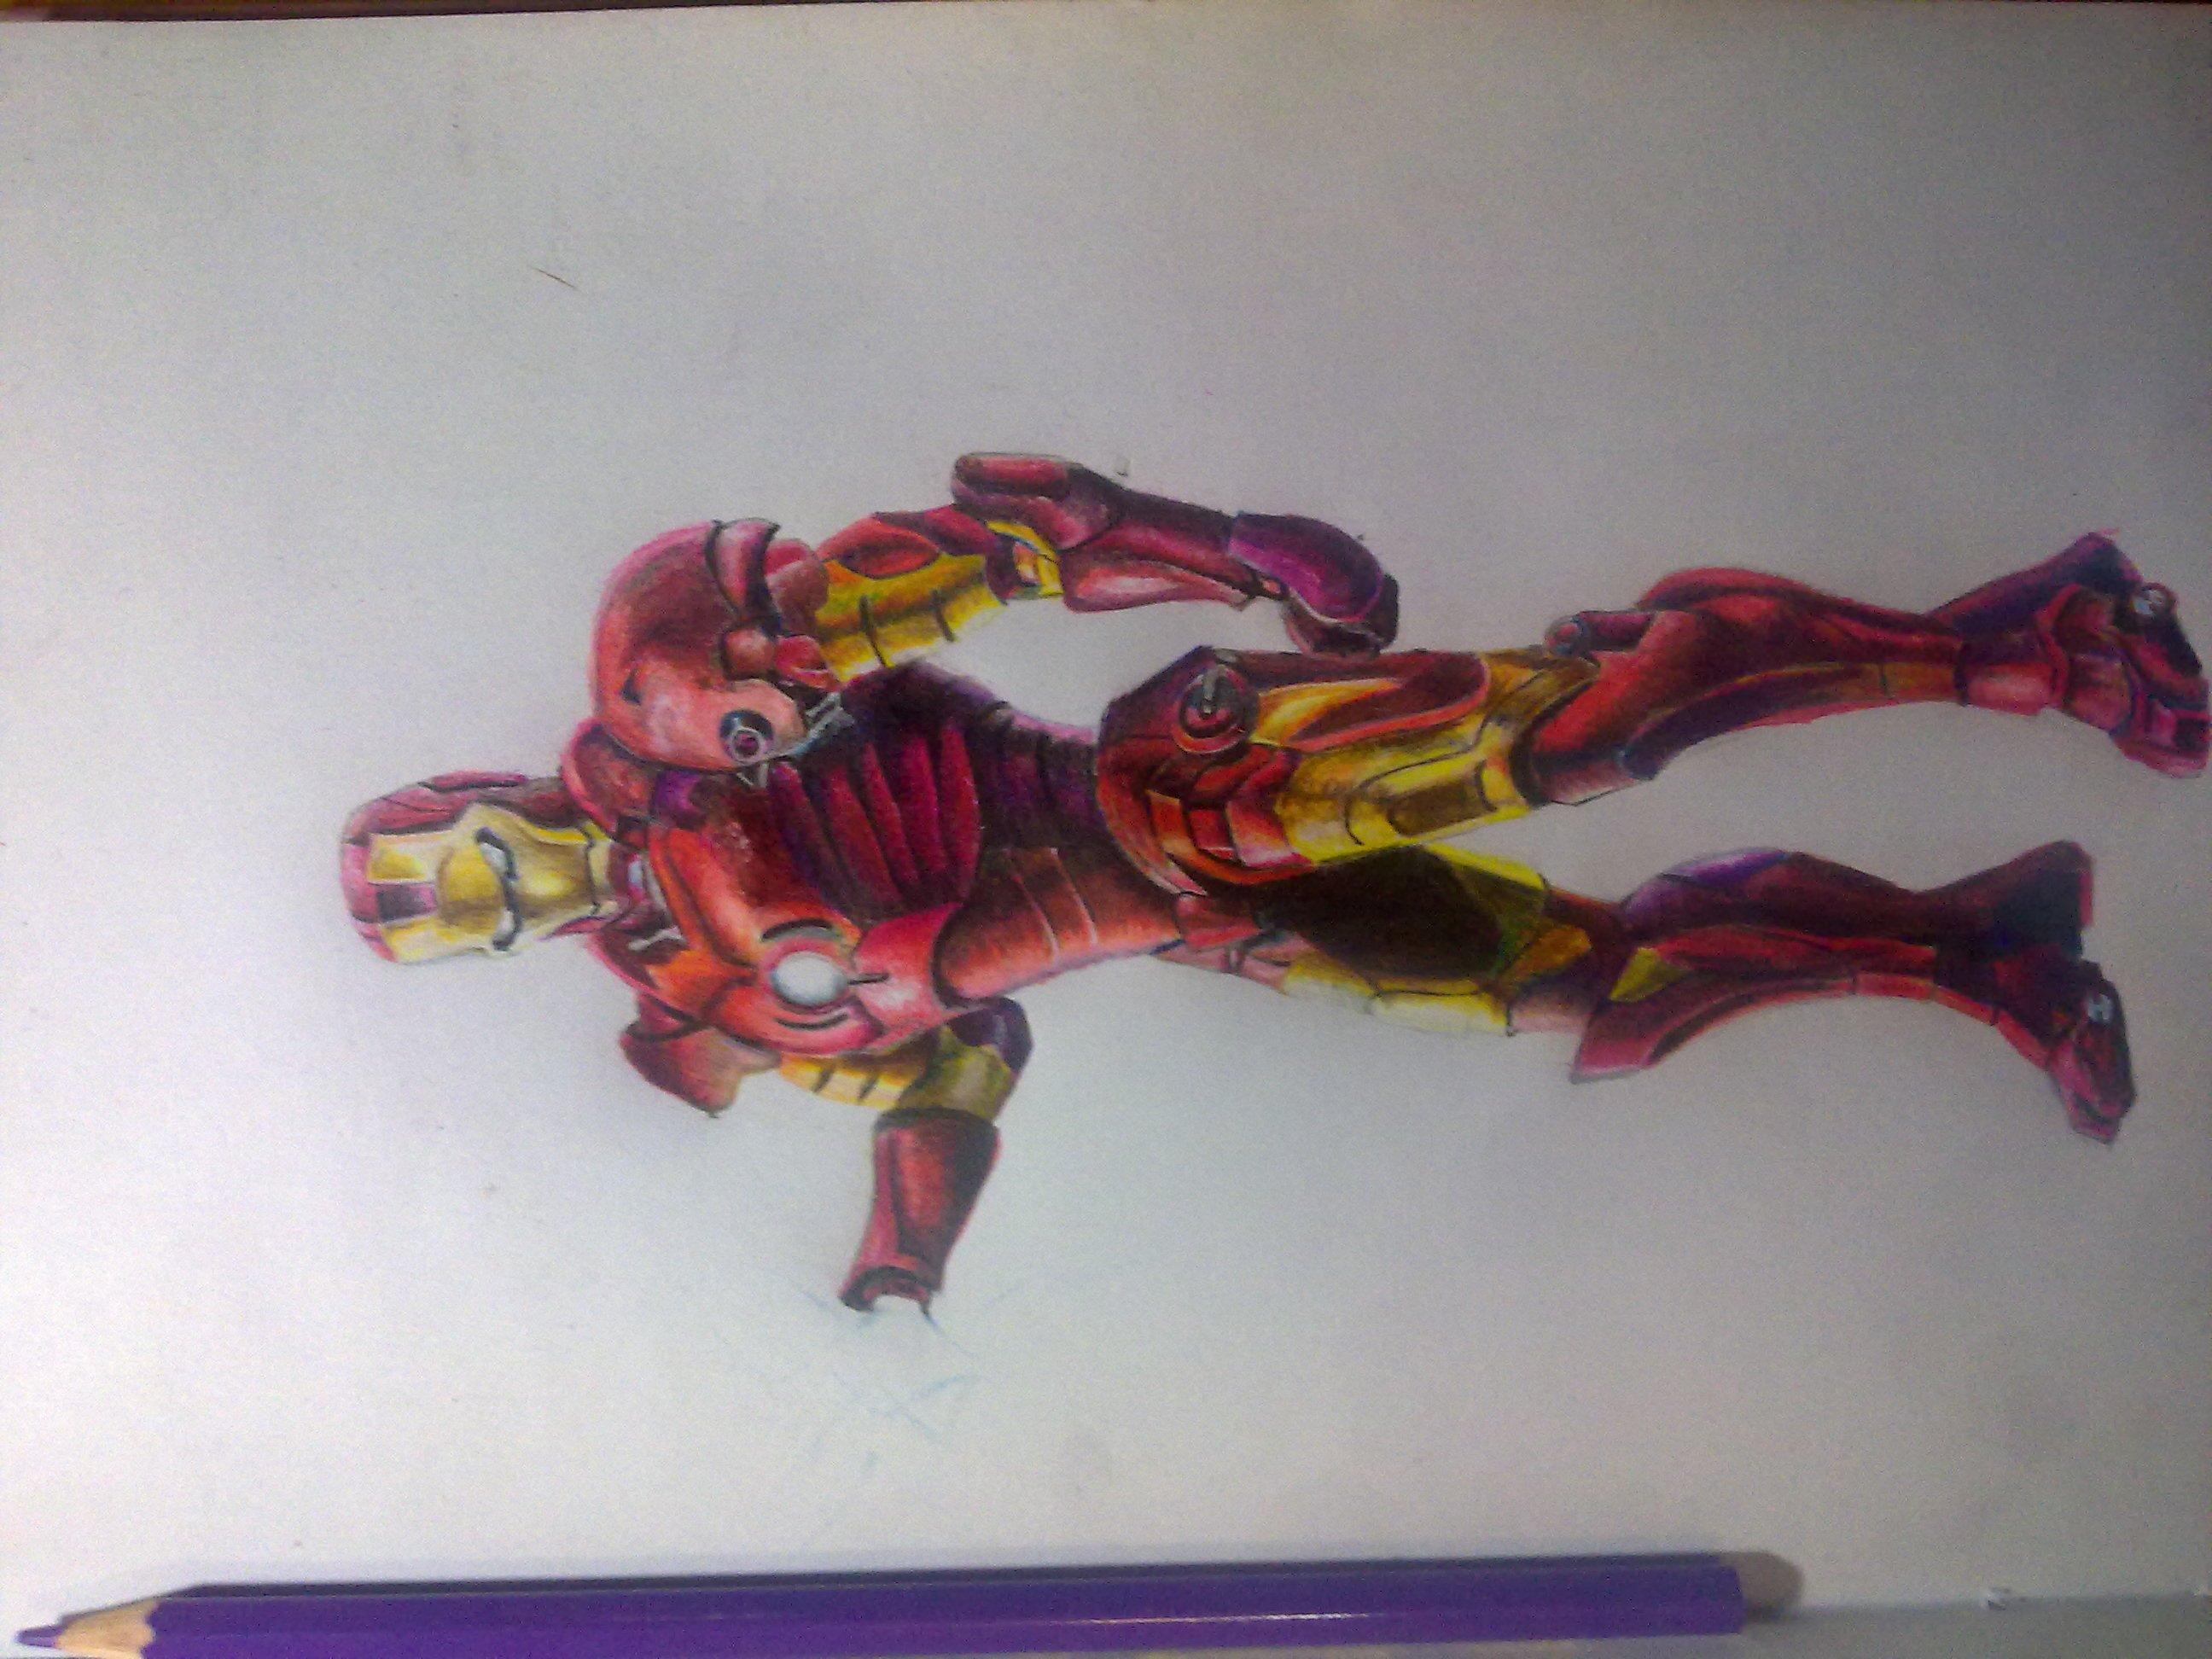 第一次尝试用彩色铅笔画的钢铁侠